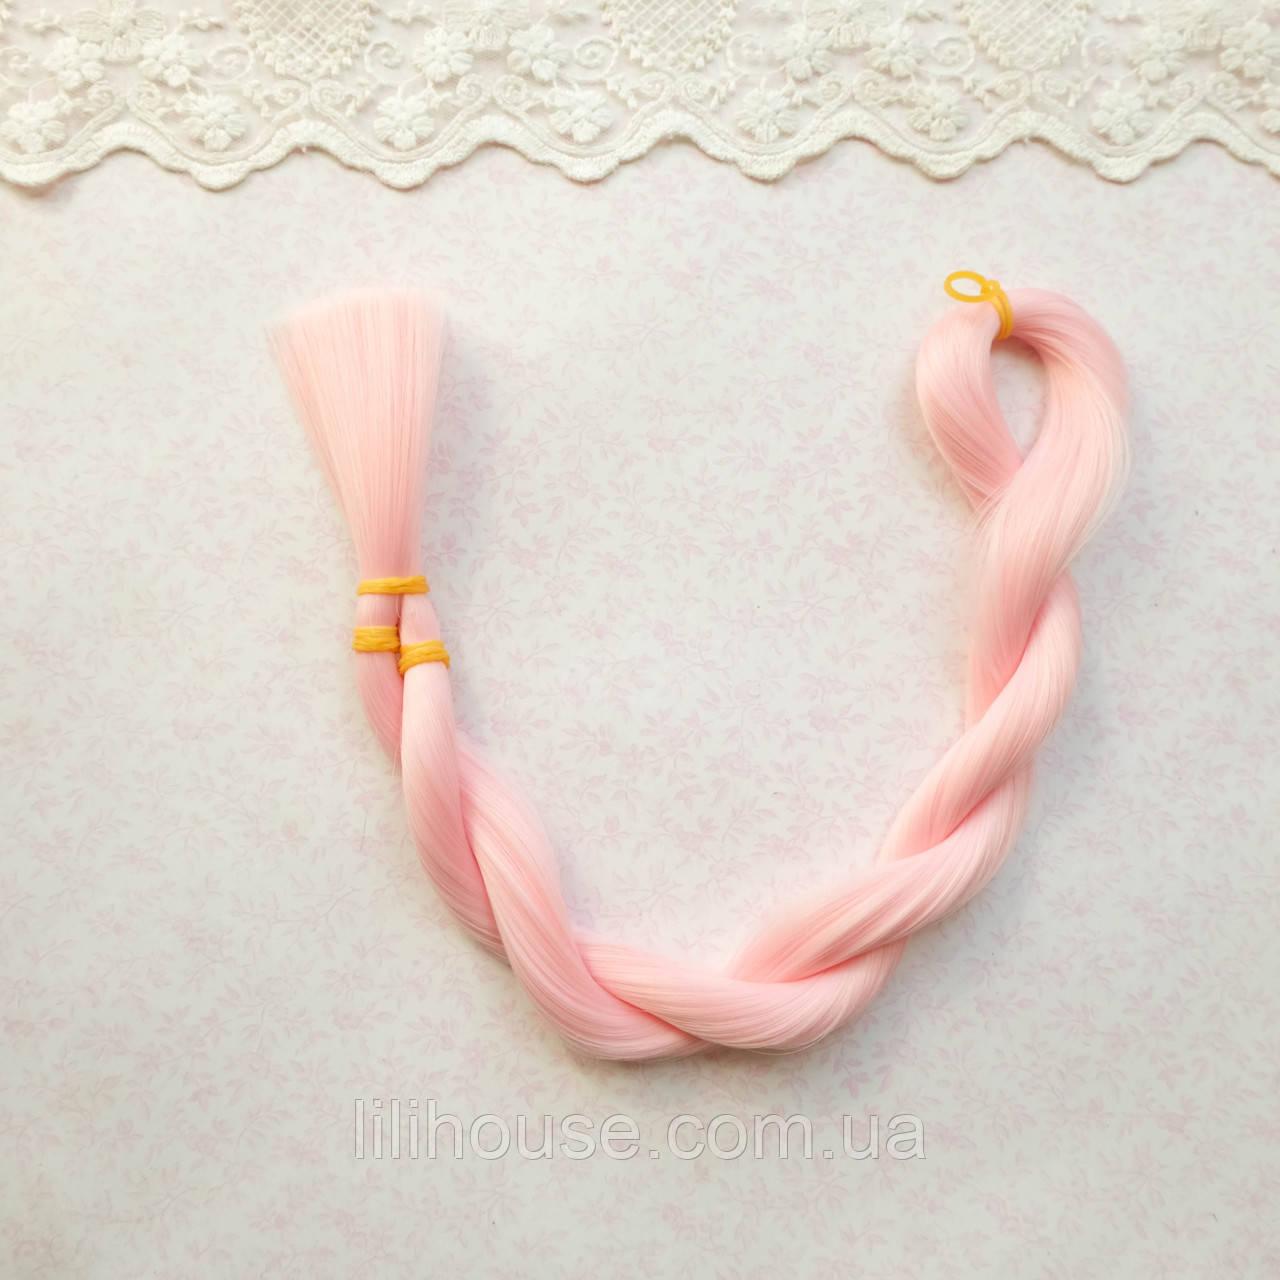 Волосы для кукол для перепрошивки,теплый розовый, шелк  80 см,   50 гр